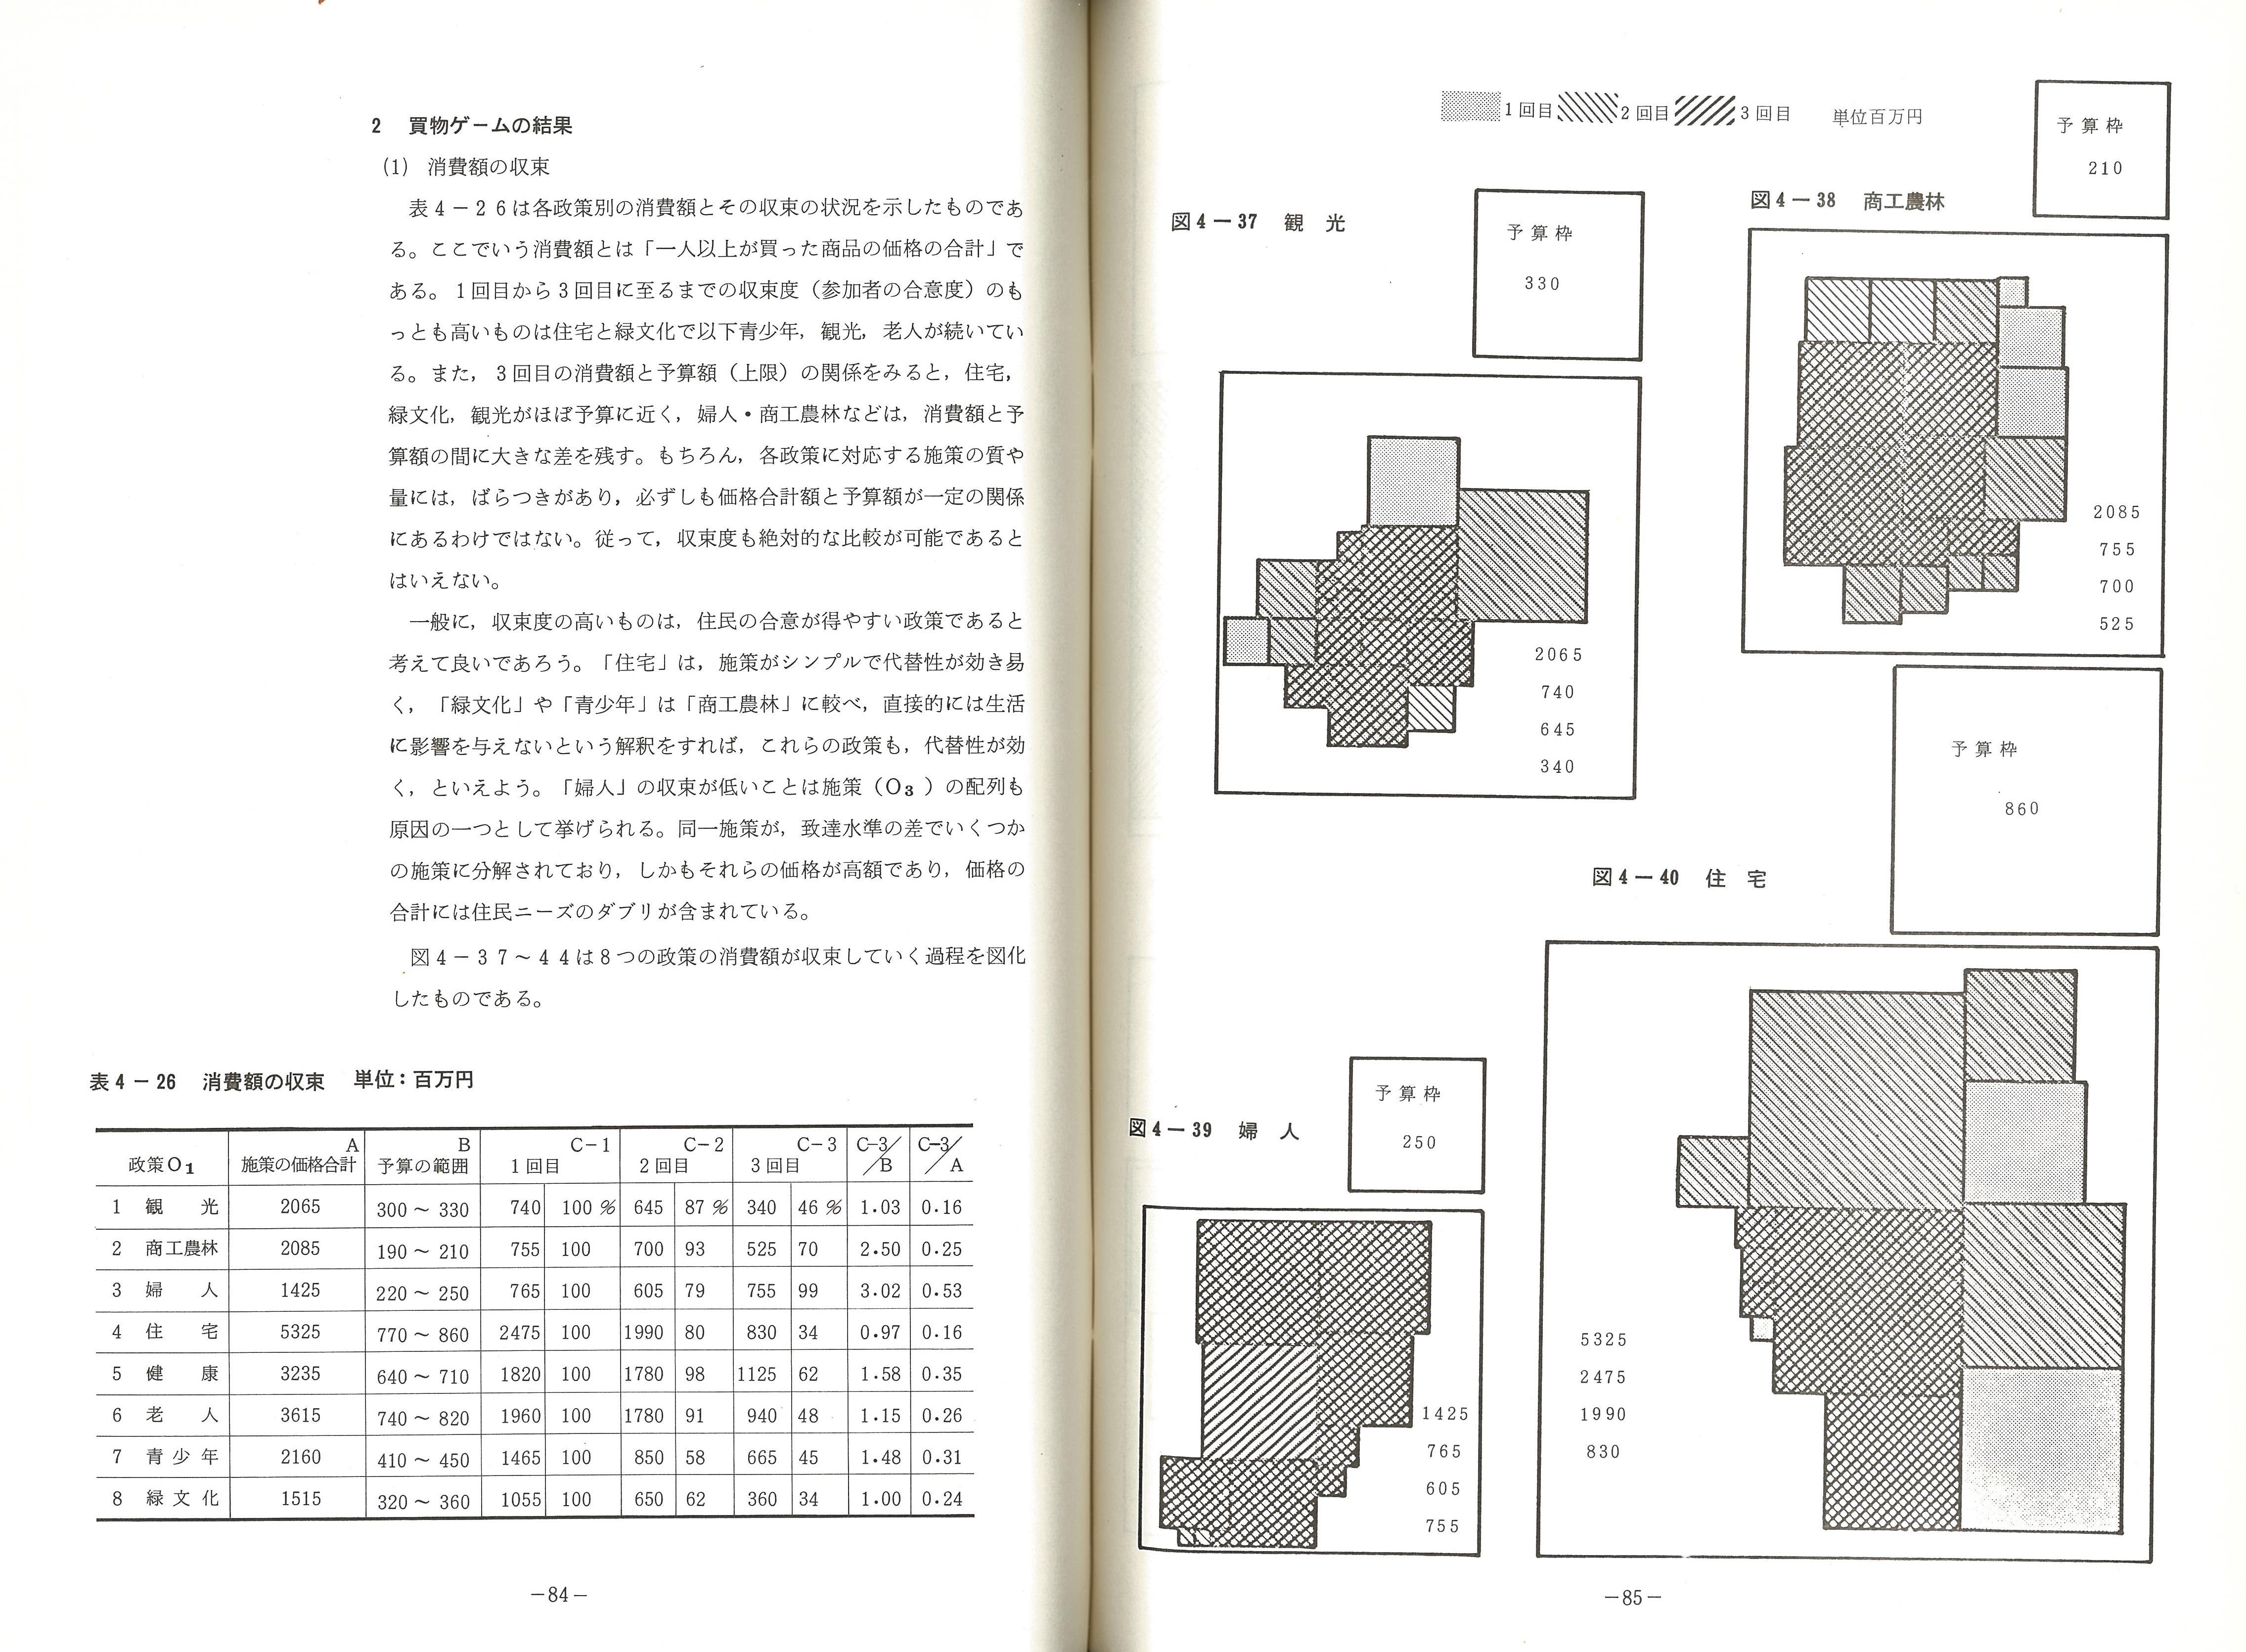 図6 買い物ゲーム(草津町 社会開発計画より)